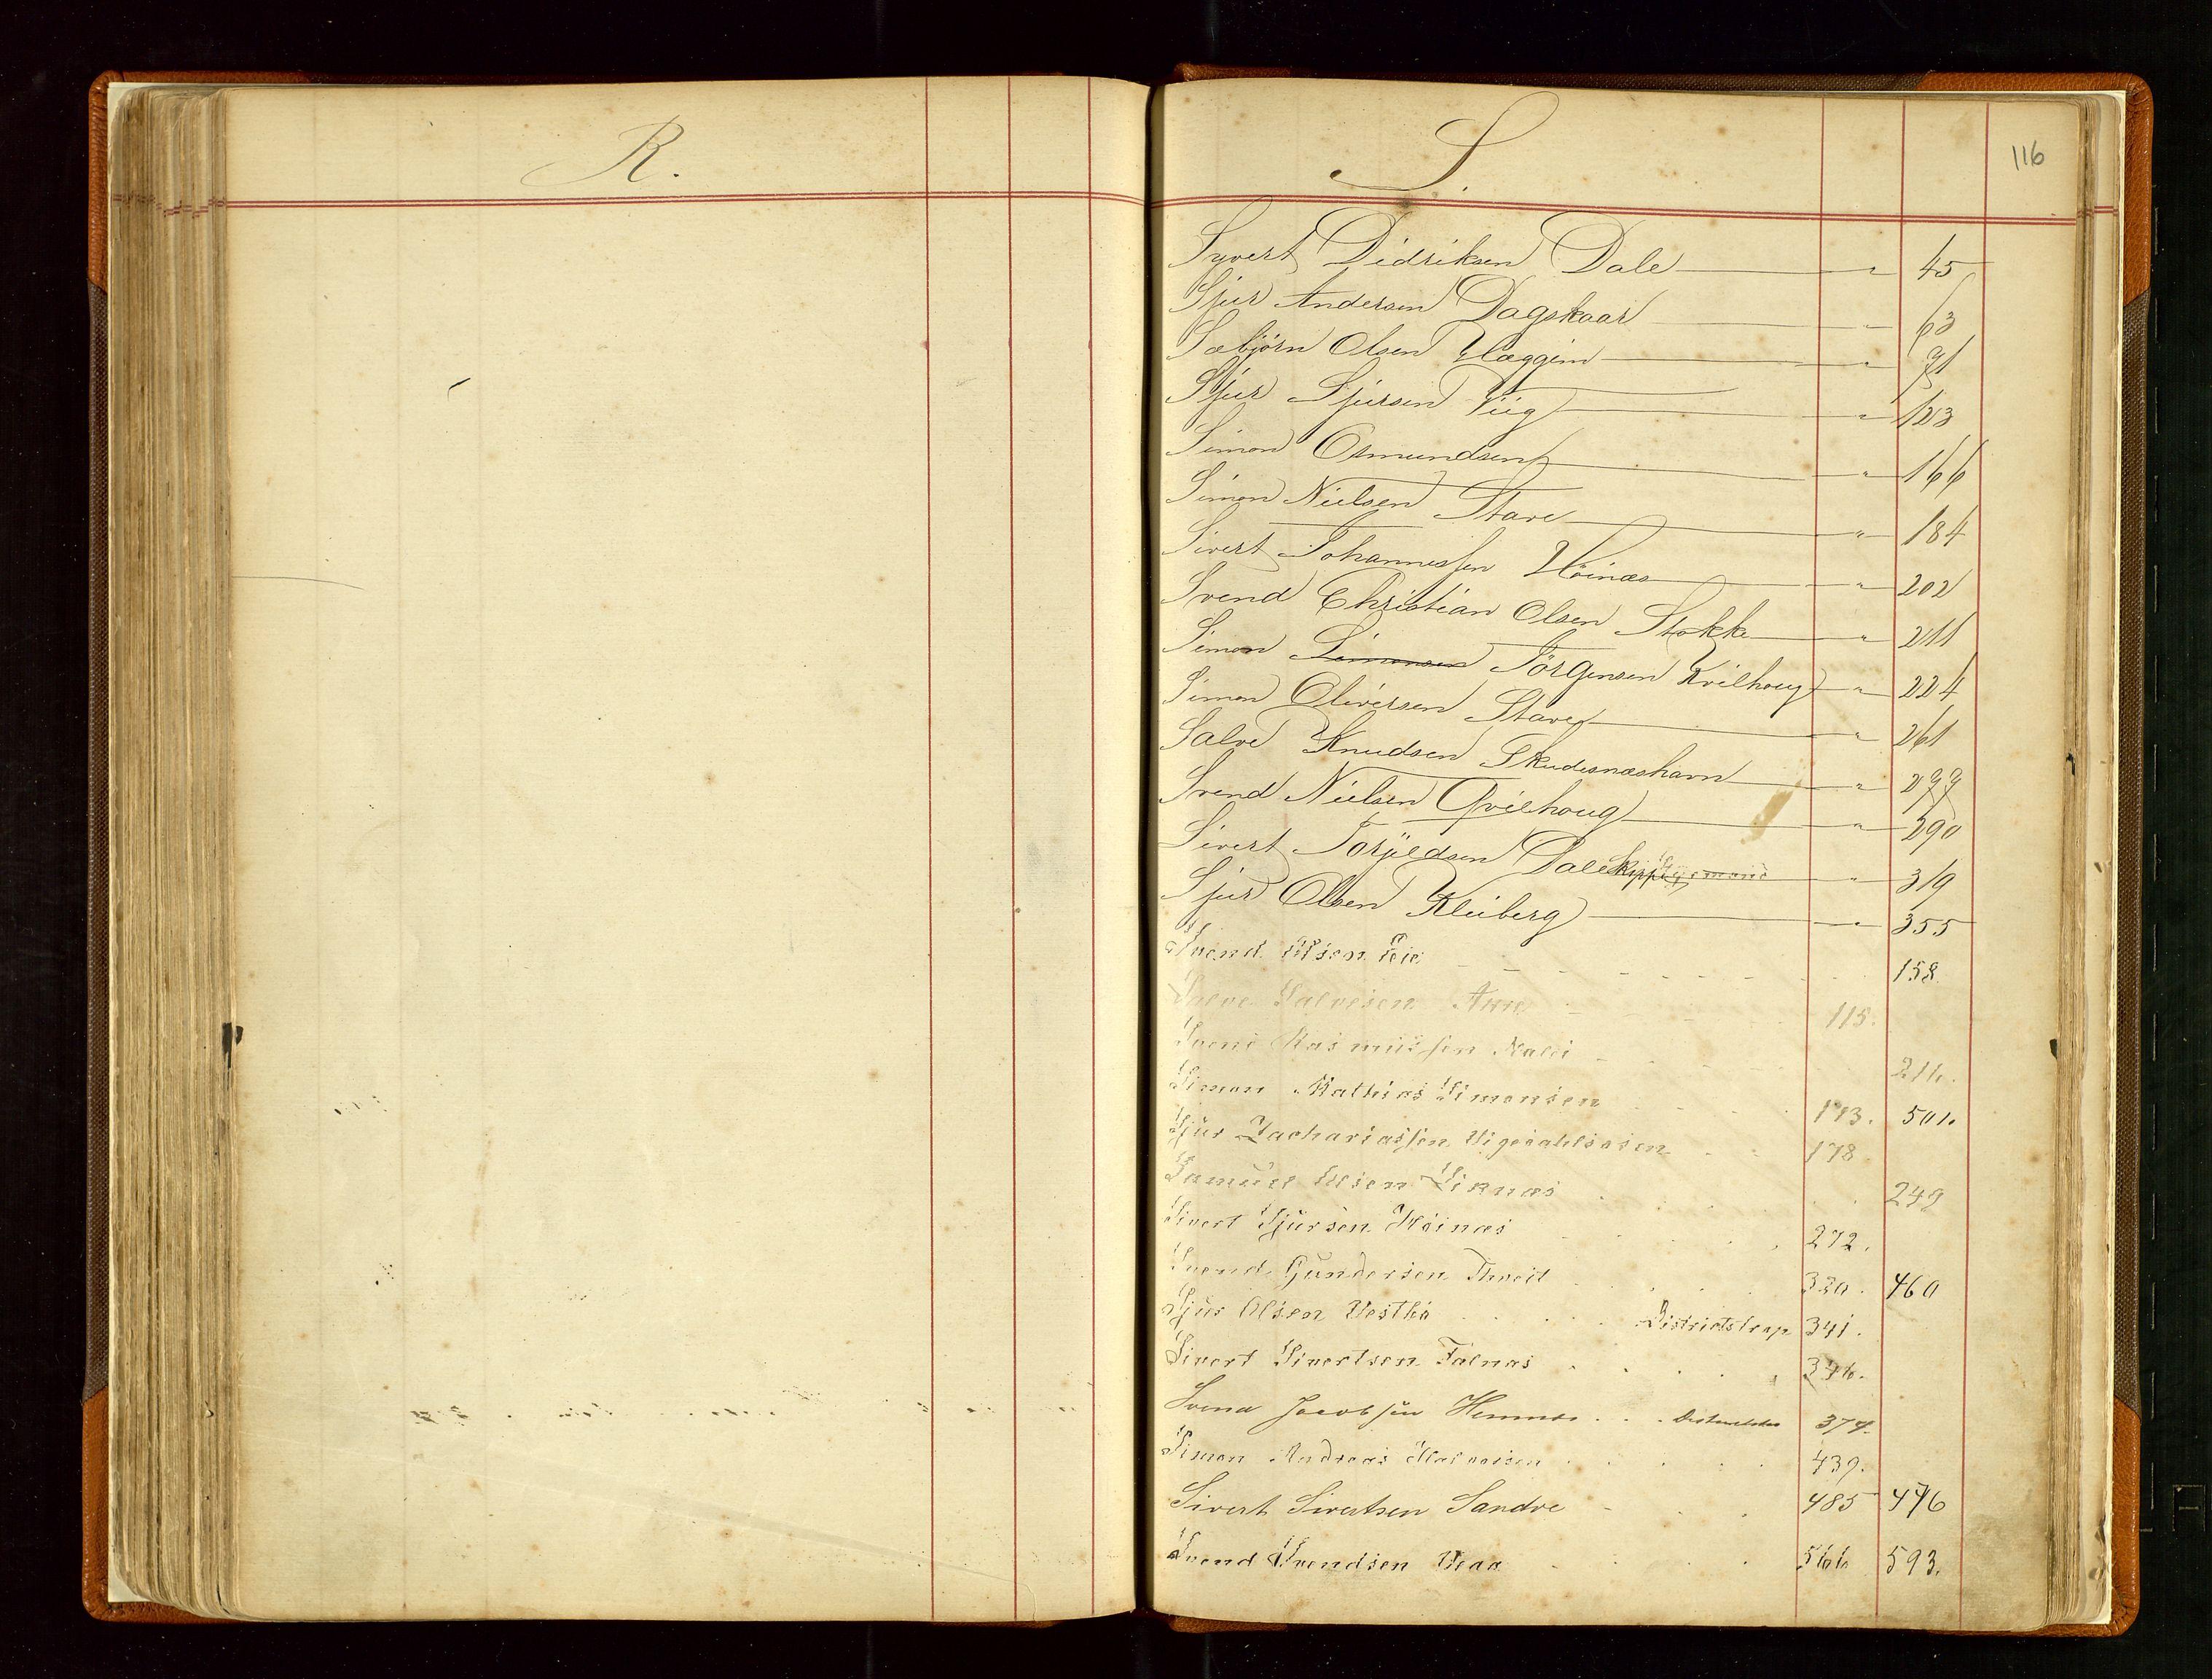 SAST, Haugesund sjømannskontor, F/Fb/Fba/L0003: Navneregister med henvisning til rullenummer (fornavn) Haugesund krets, 1860-1948, s. 116